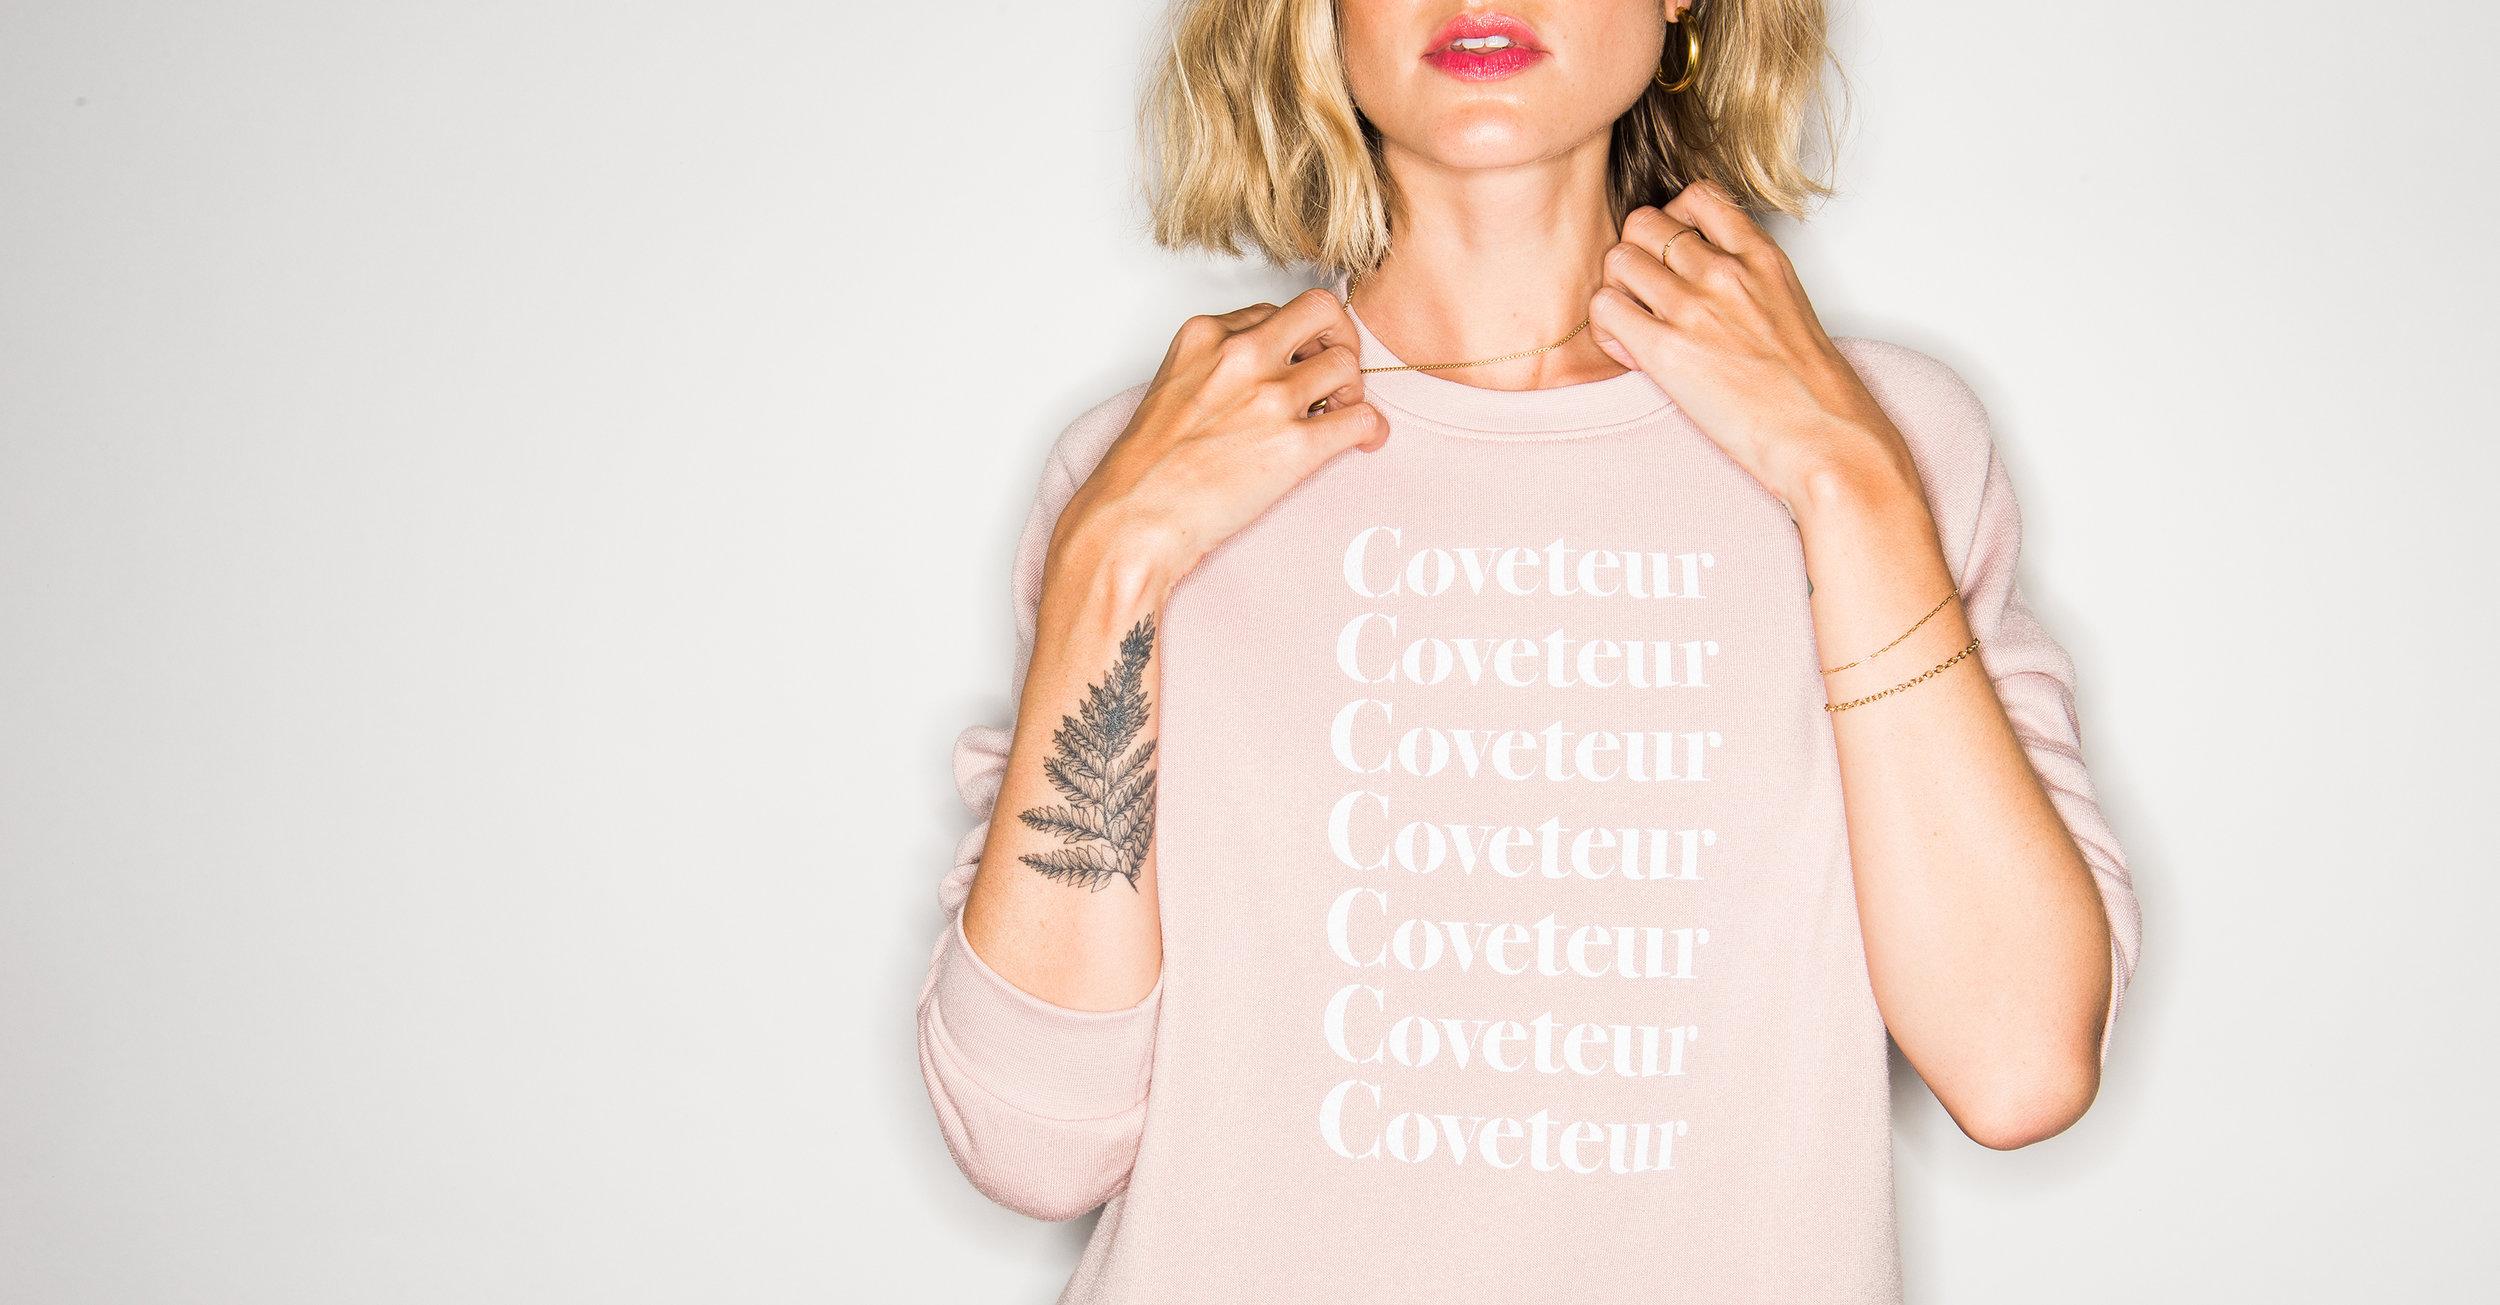 Cov_Shop_sweatshirt.jpg